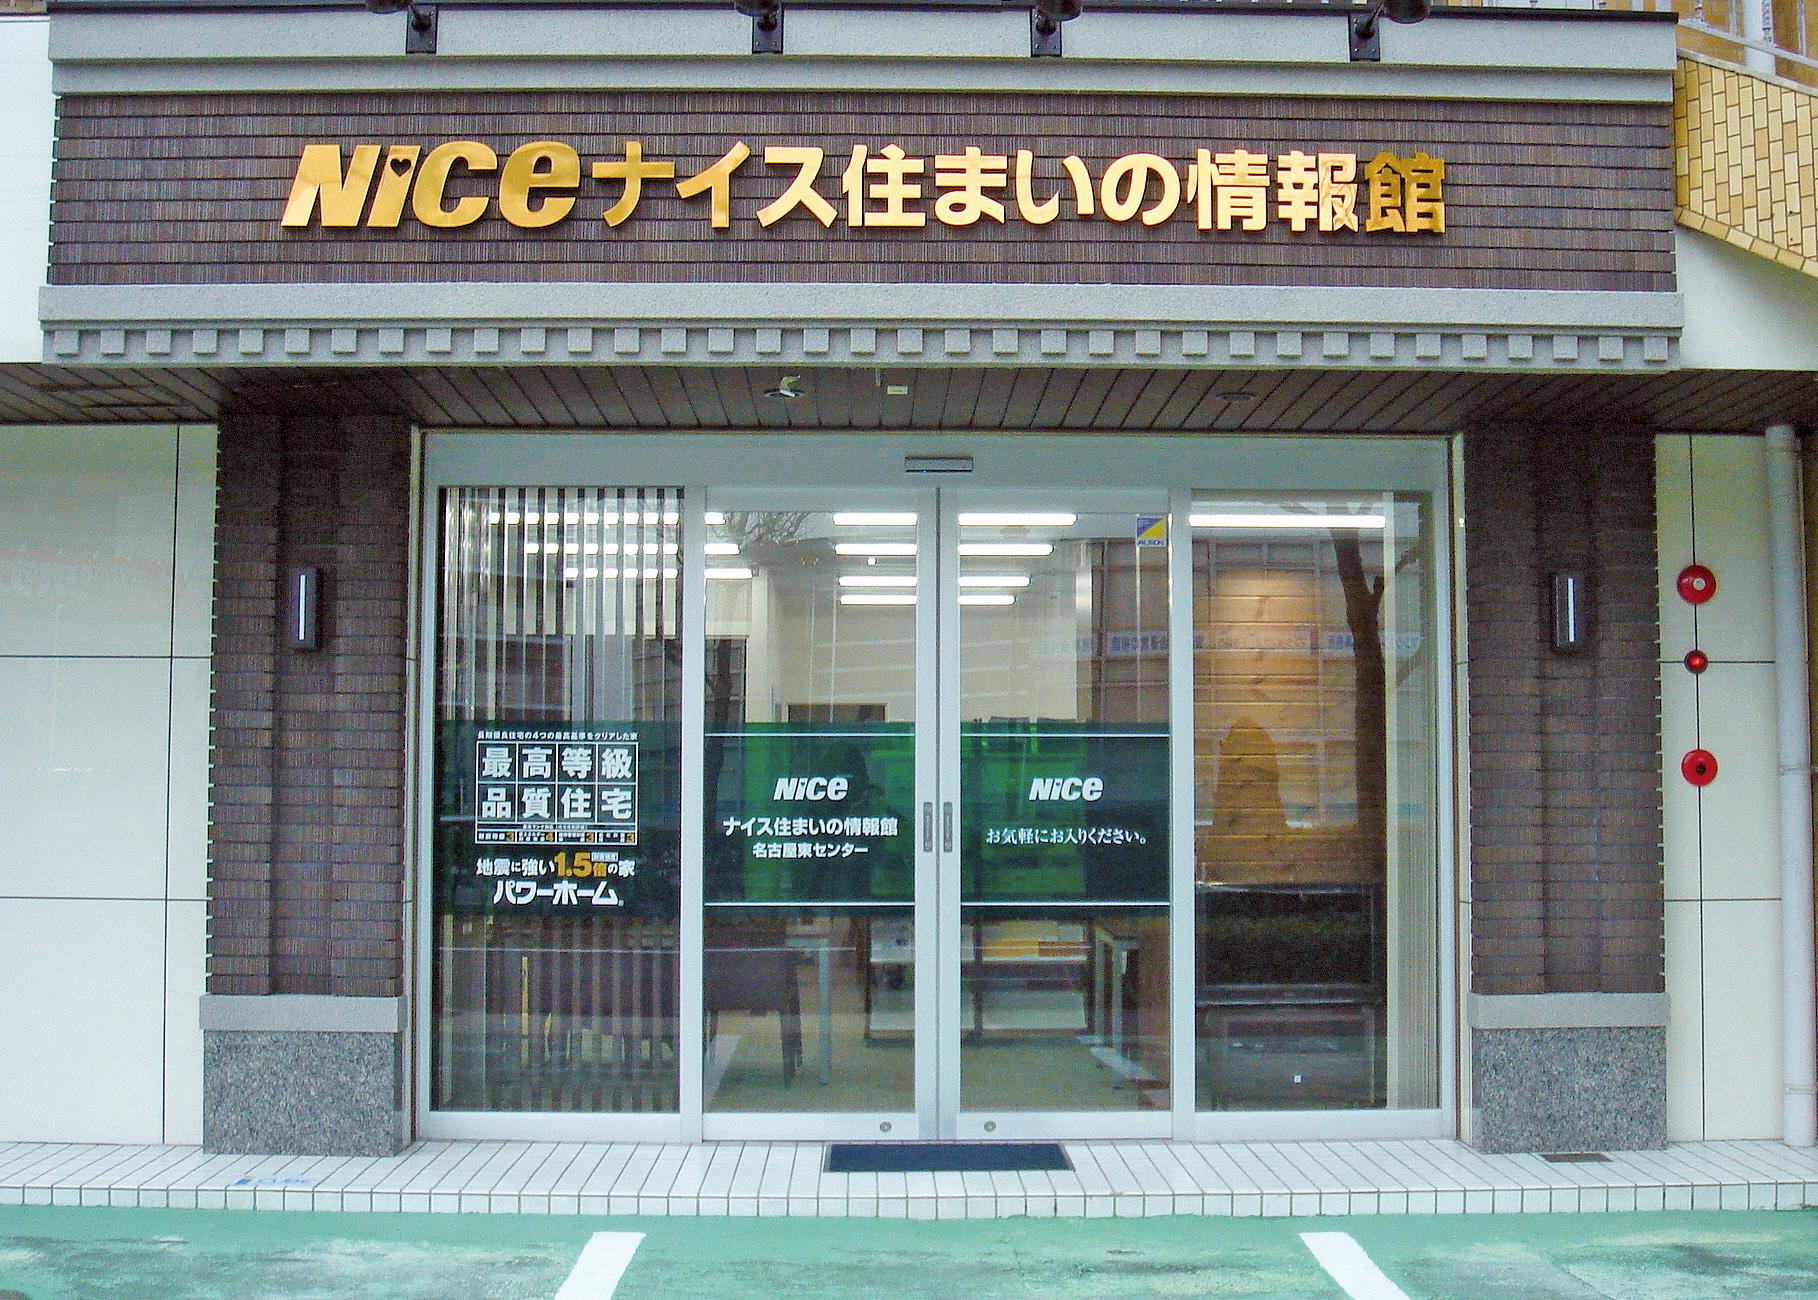 住まいるCafe名古屋東